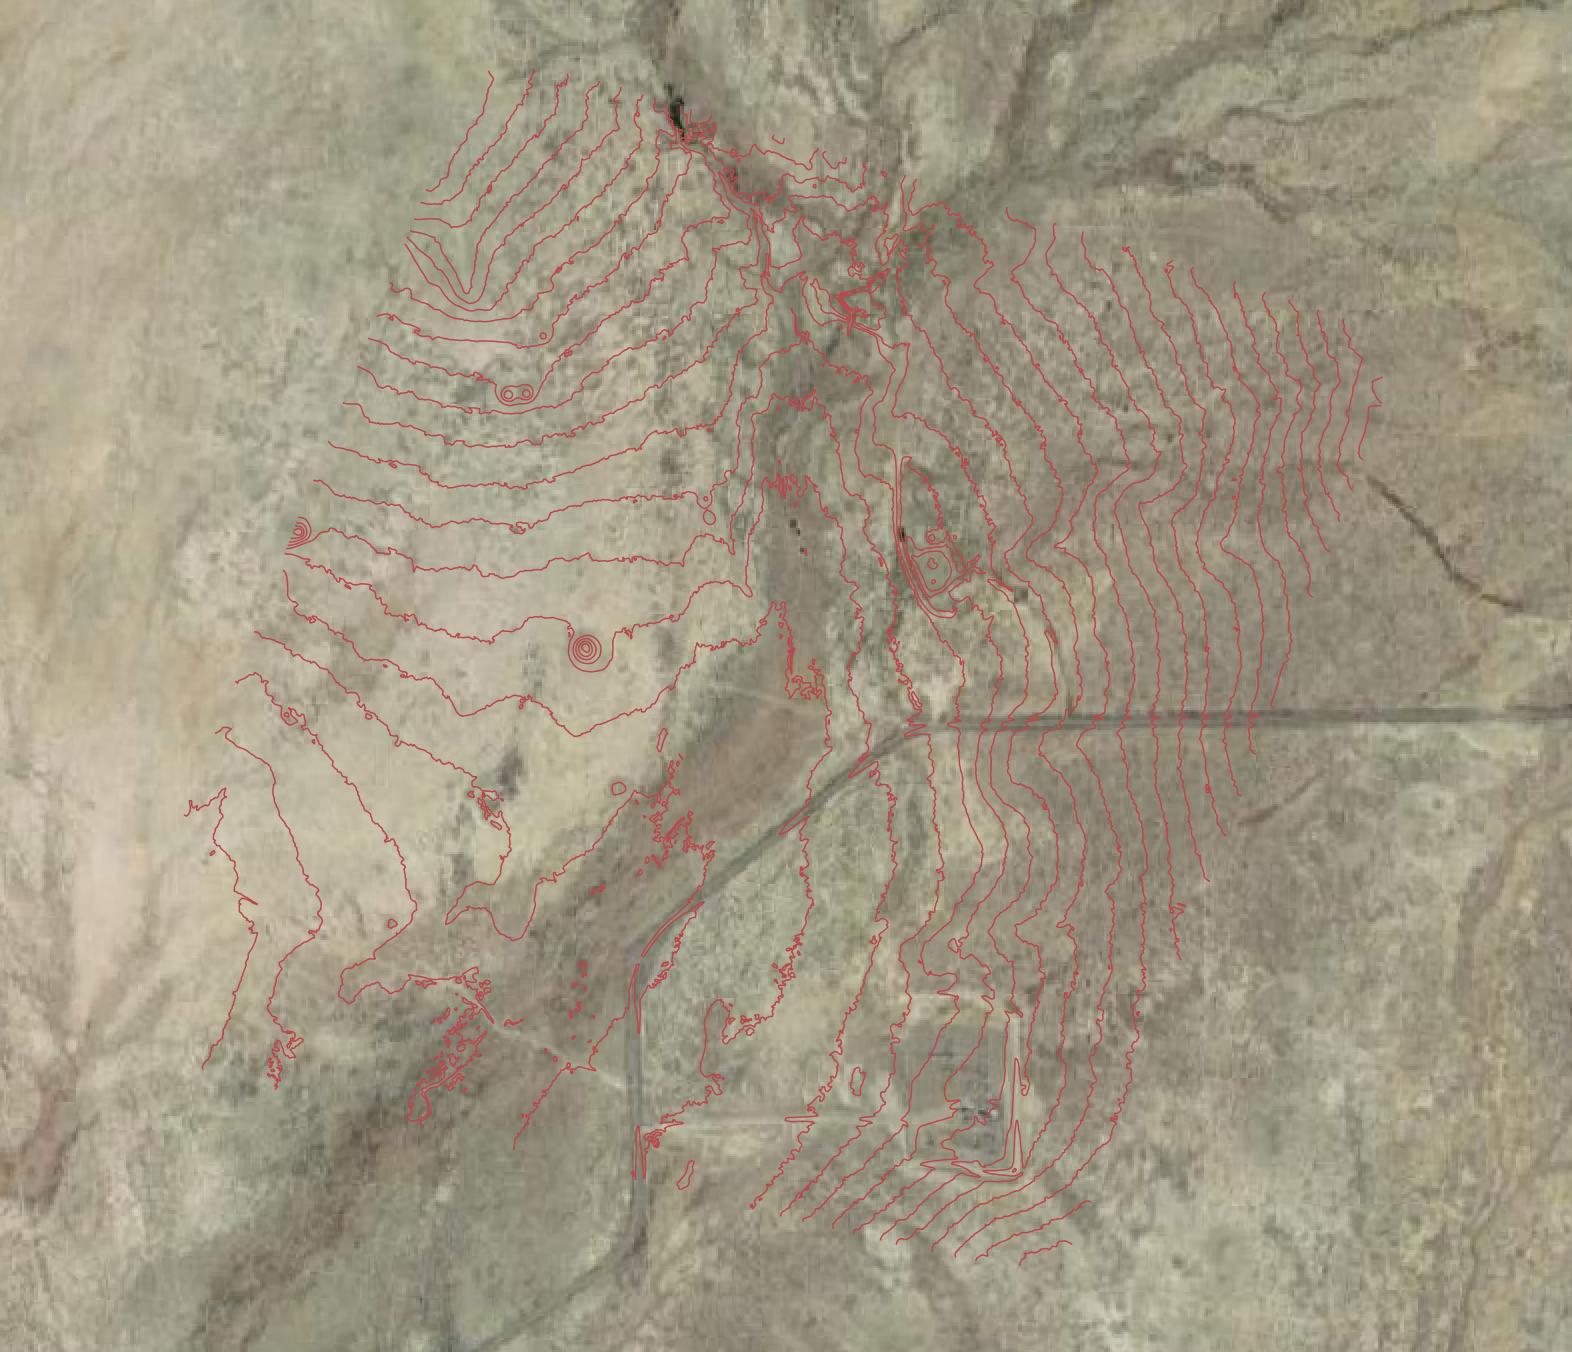 Comprehensive deliverable option 2: contour map